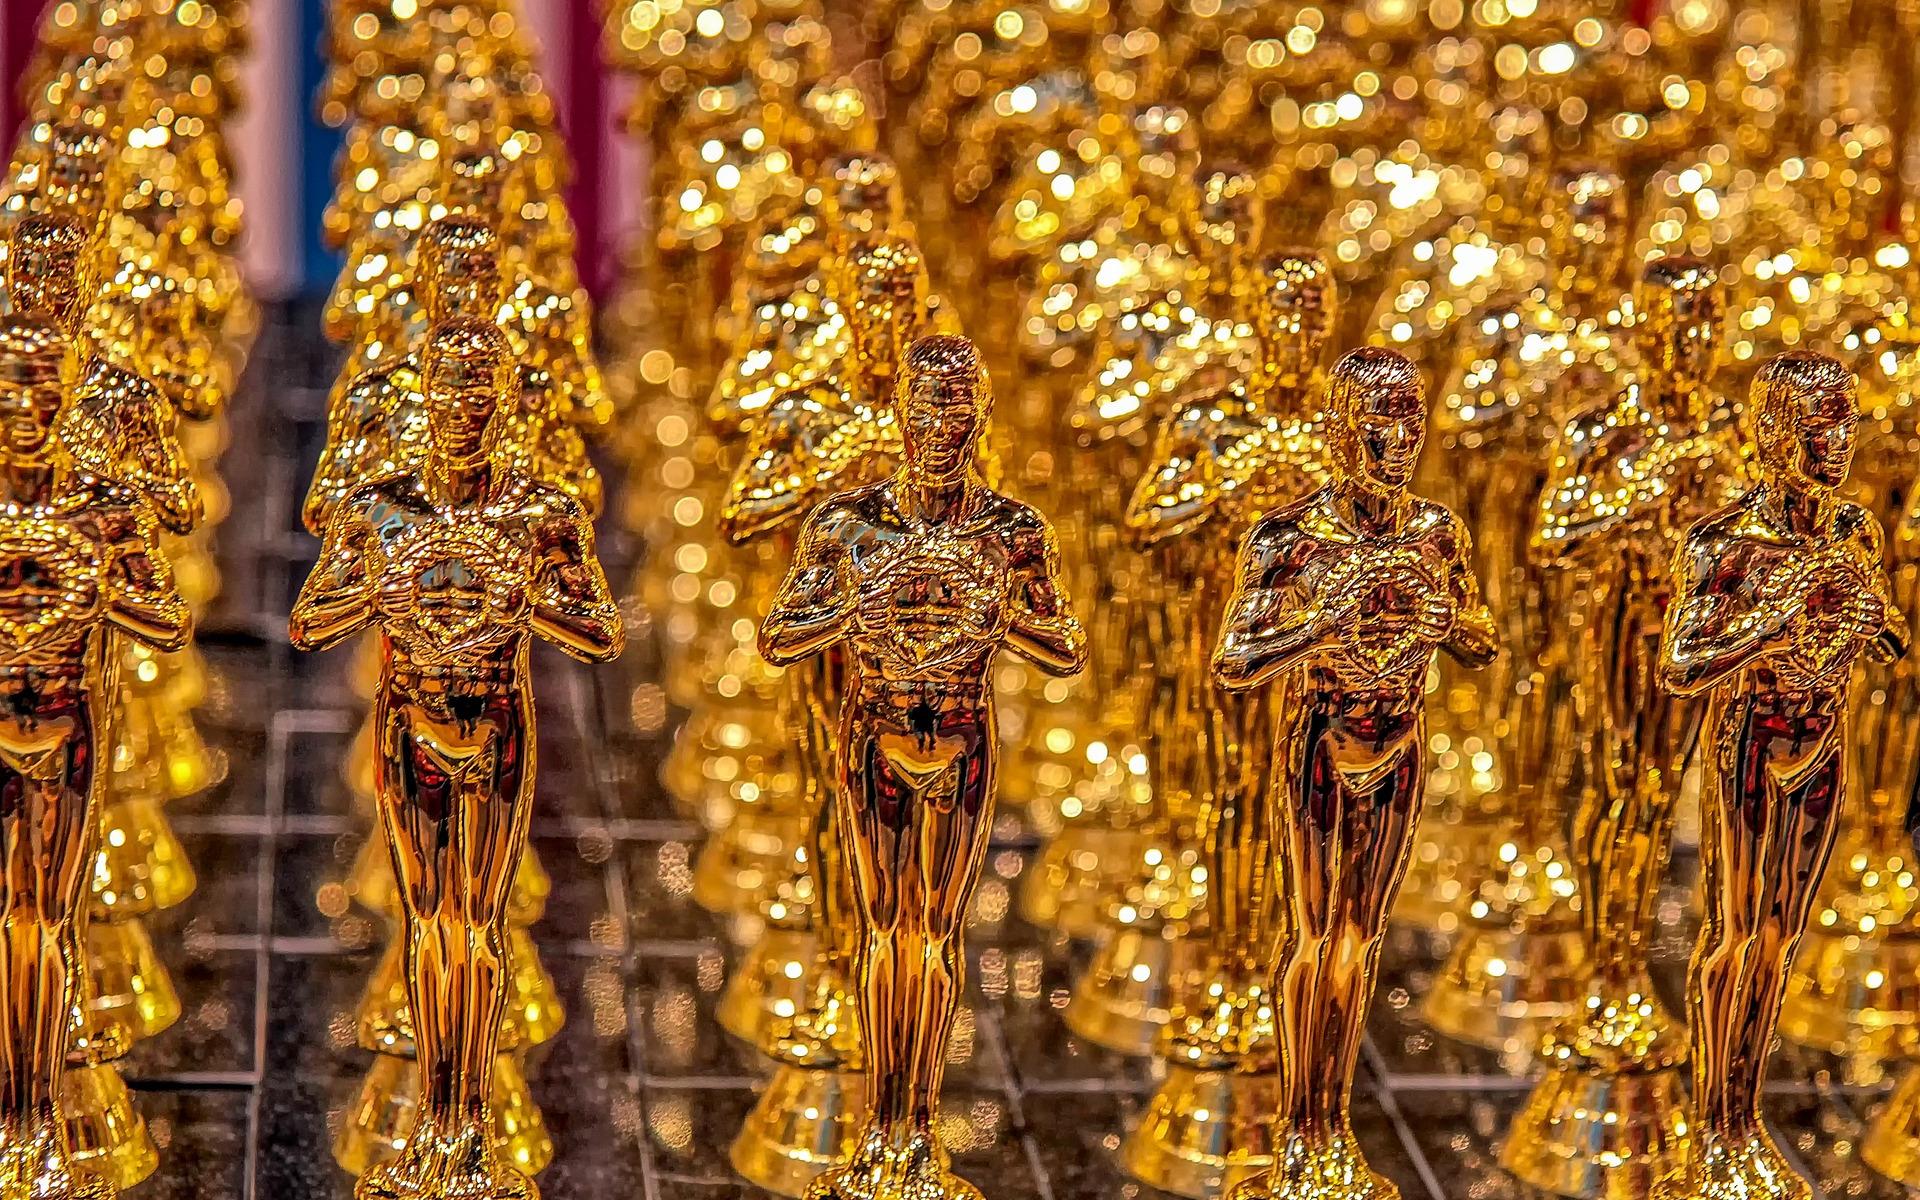 """Українські фільми """"Додому"""" та """"Пофарбоване пташеня"""" увійшли до лонг-листа премії """"Оскар"""""""